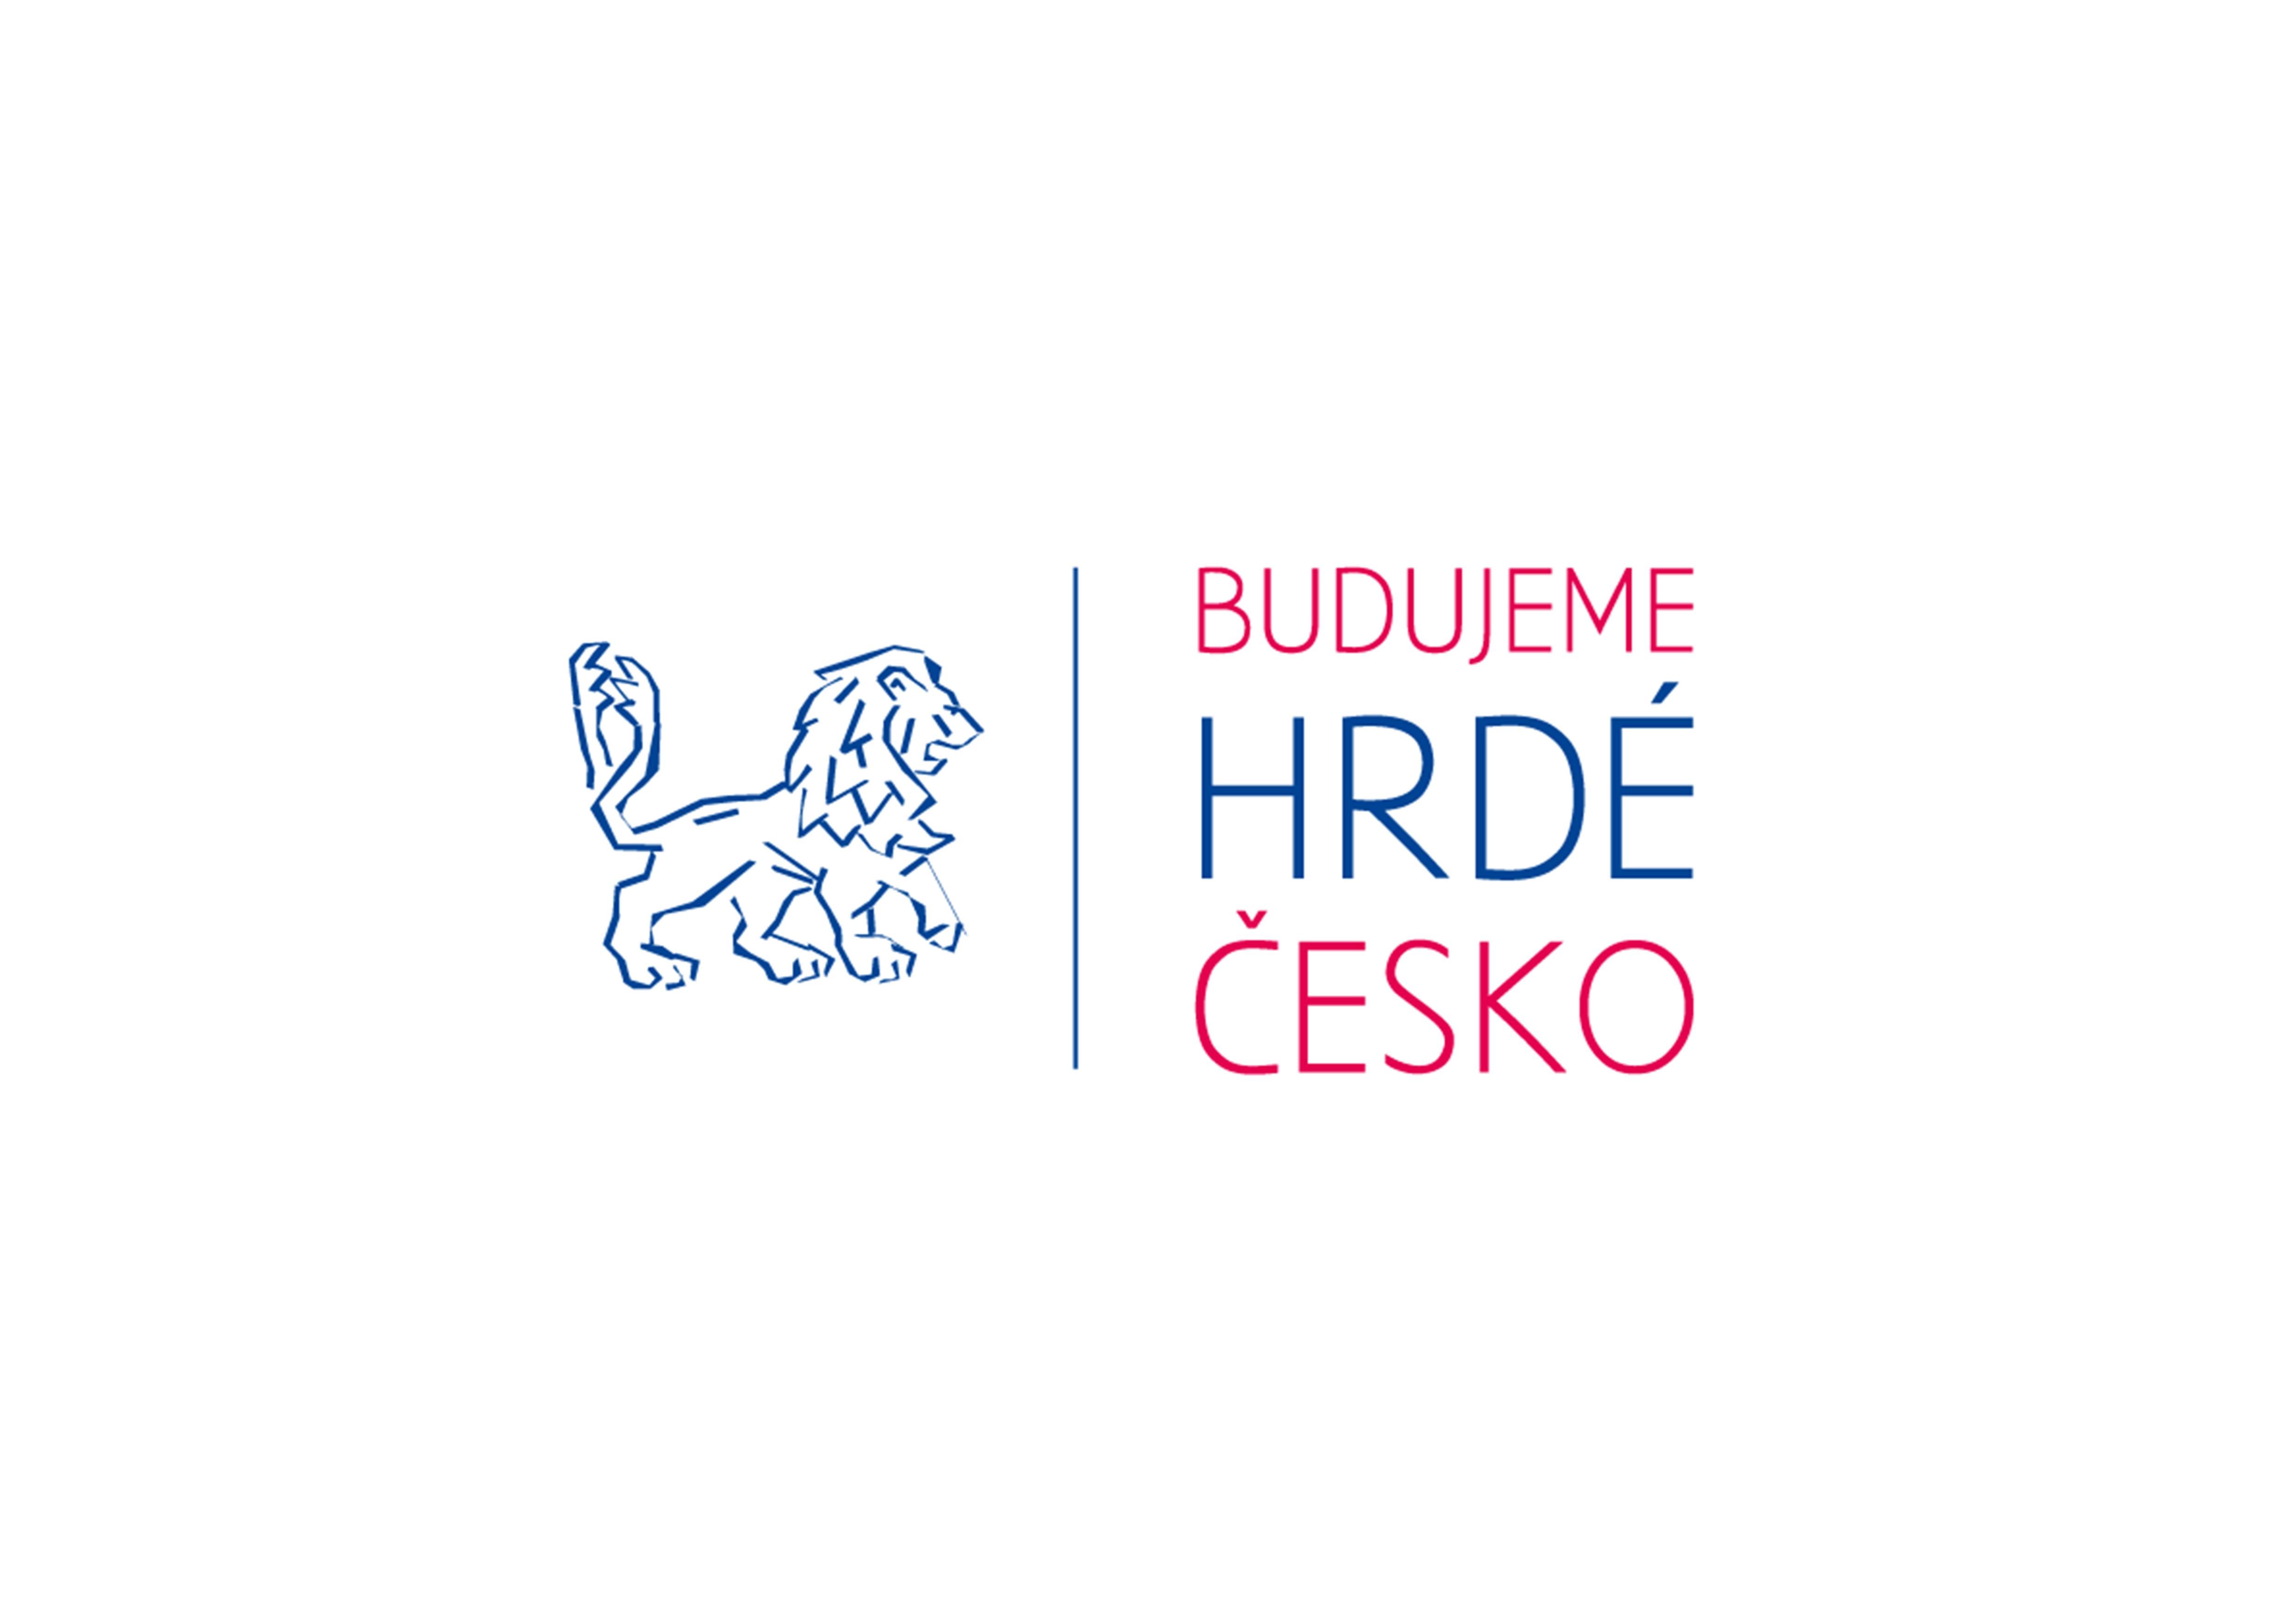 Soutěž Ocenění Českých lídrů vyhlásila výsledky prvního ročníku - fotografie 1/1